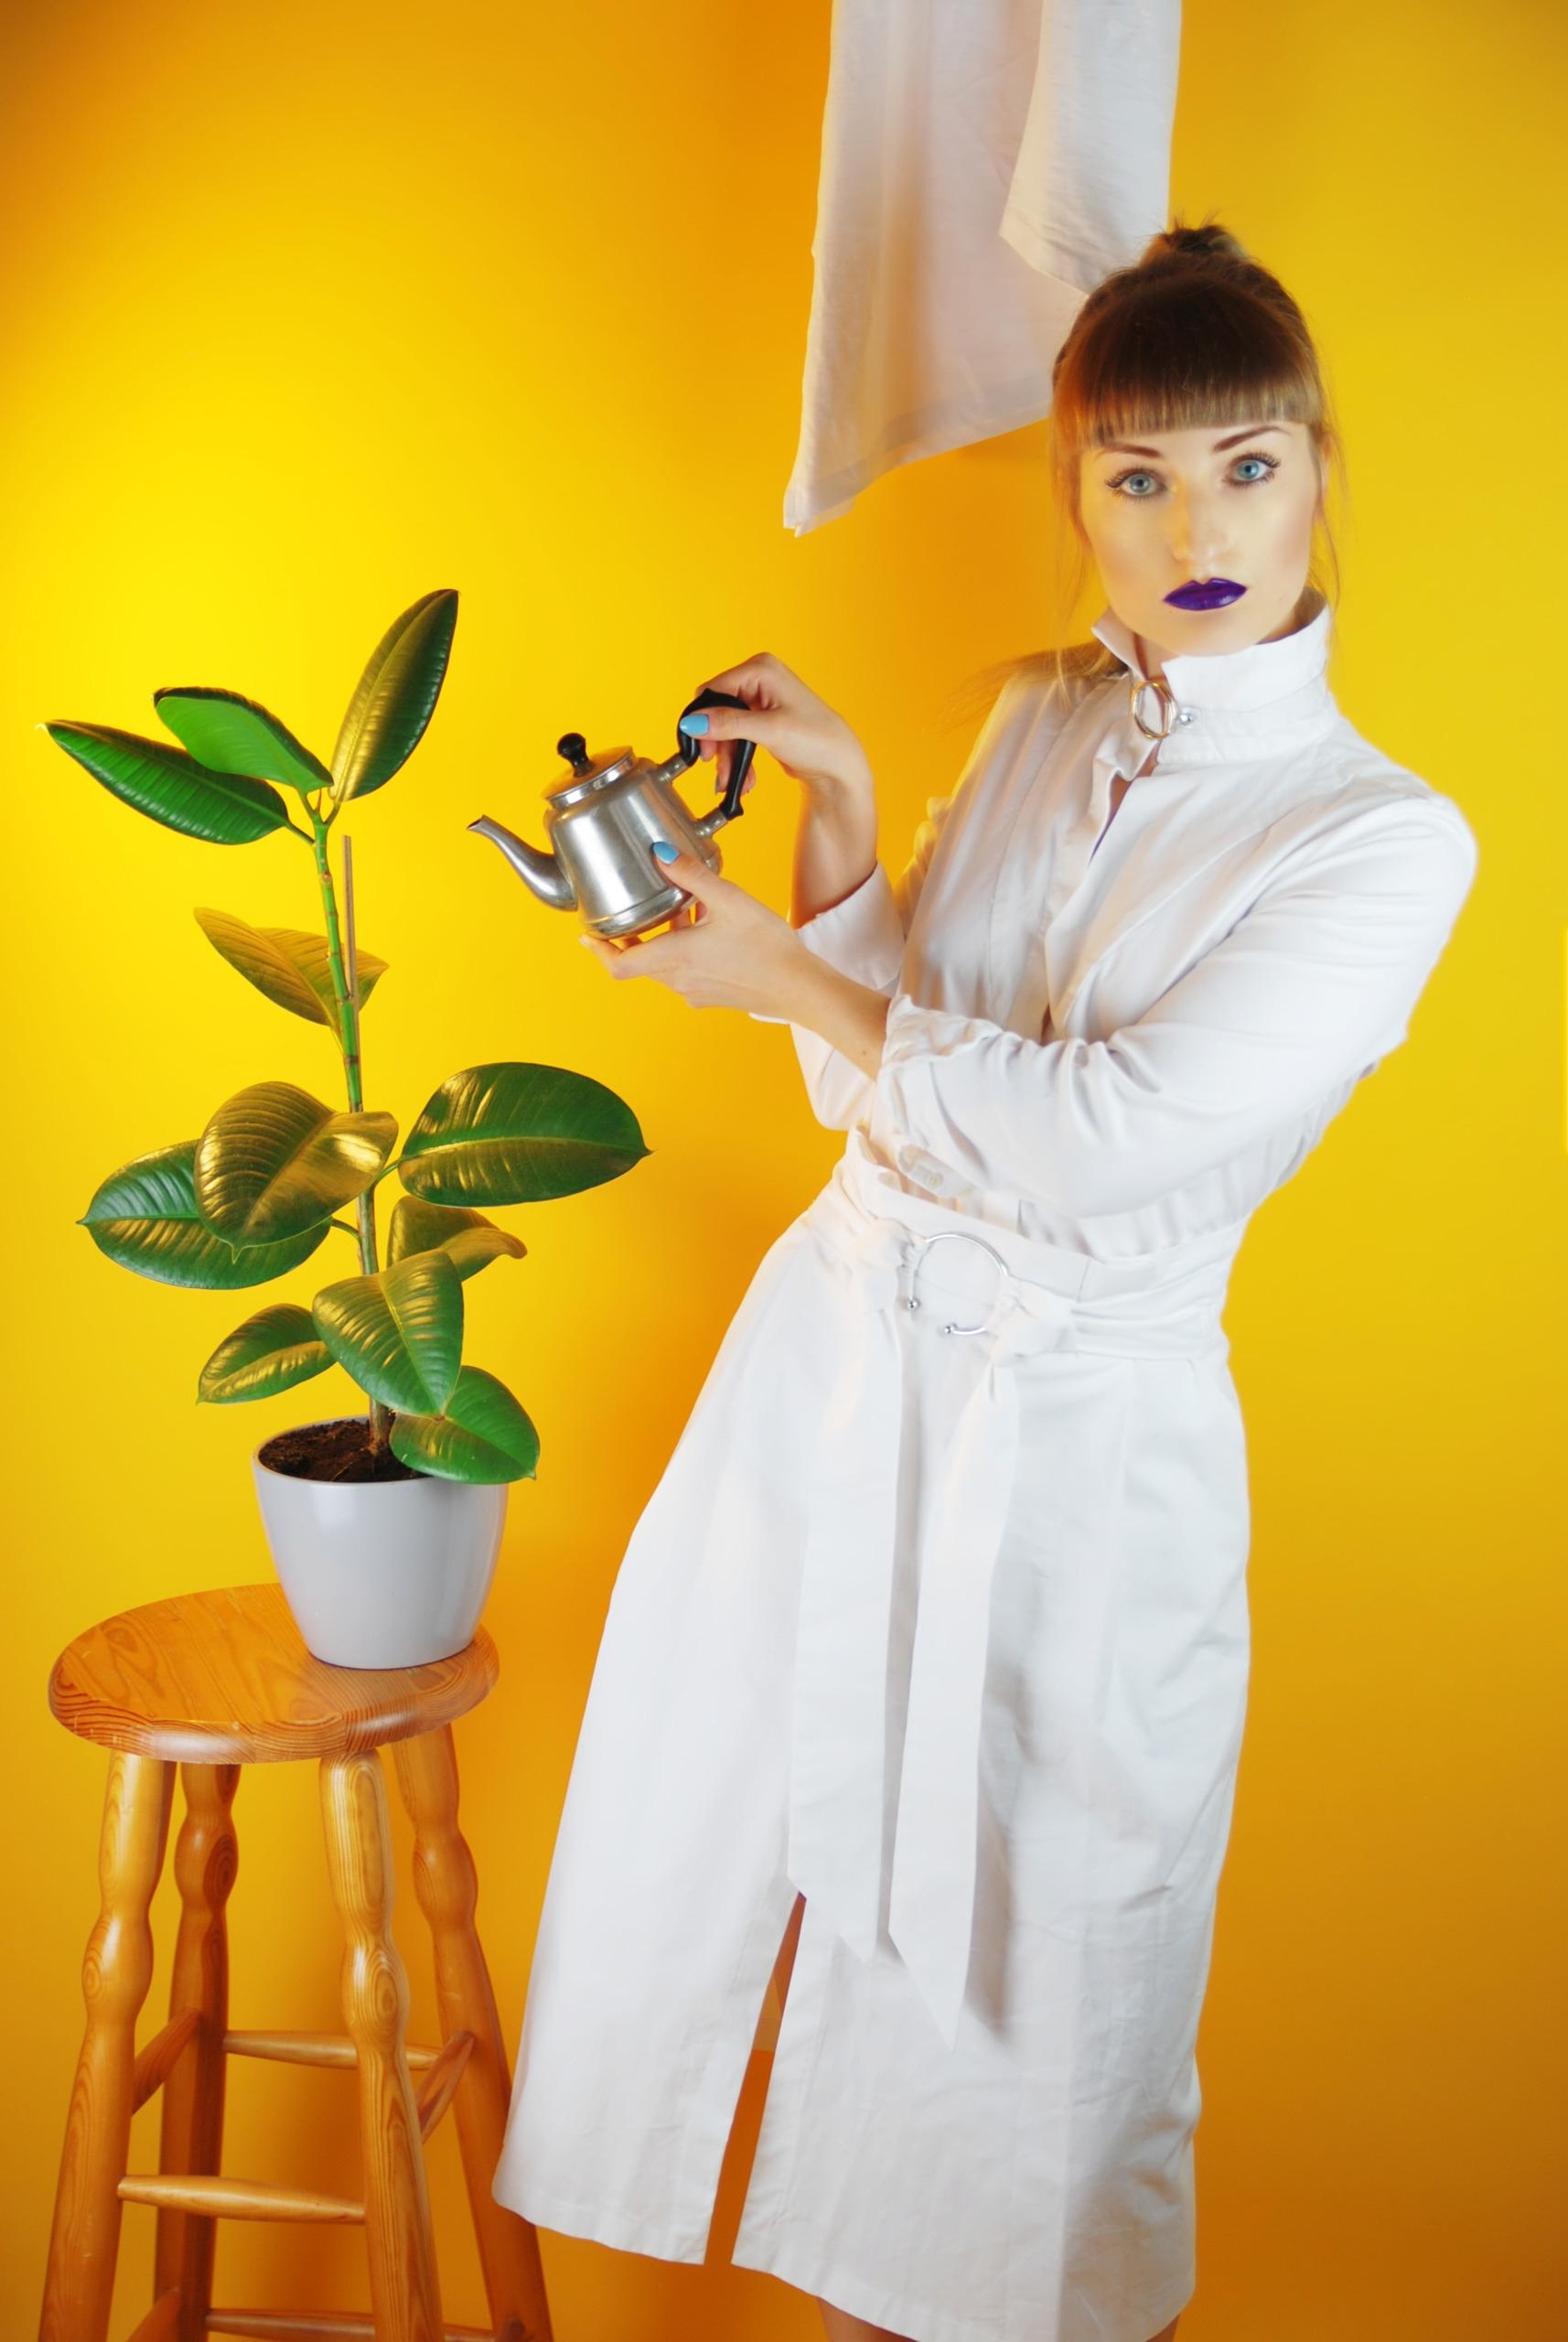 Zdjęcie przedstawia młodą kobietę ubraną na biało ze srebrnym naczyniem w ręce. Kobieta podlewa kwiat znajdujący się z lewej strony na krześle. Tło jest żółte.